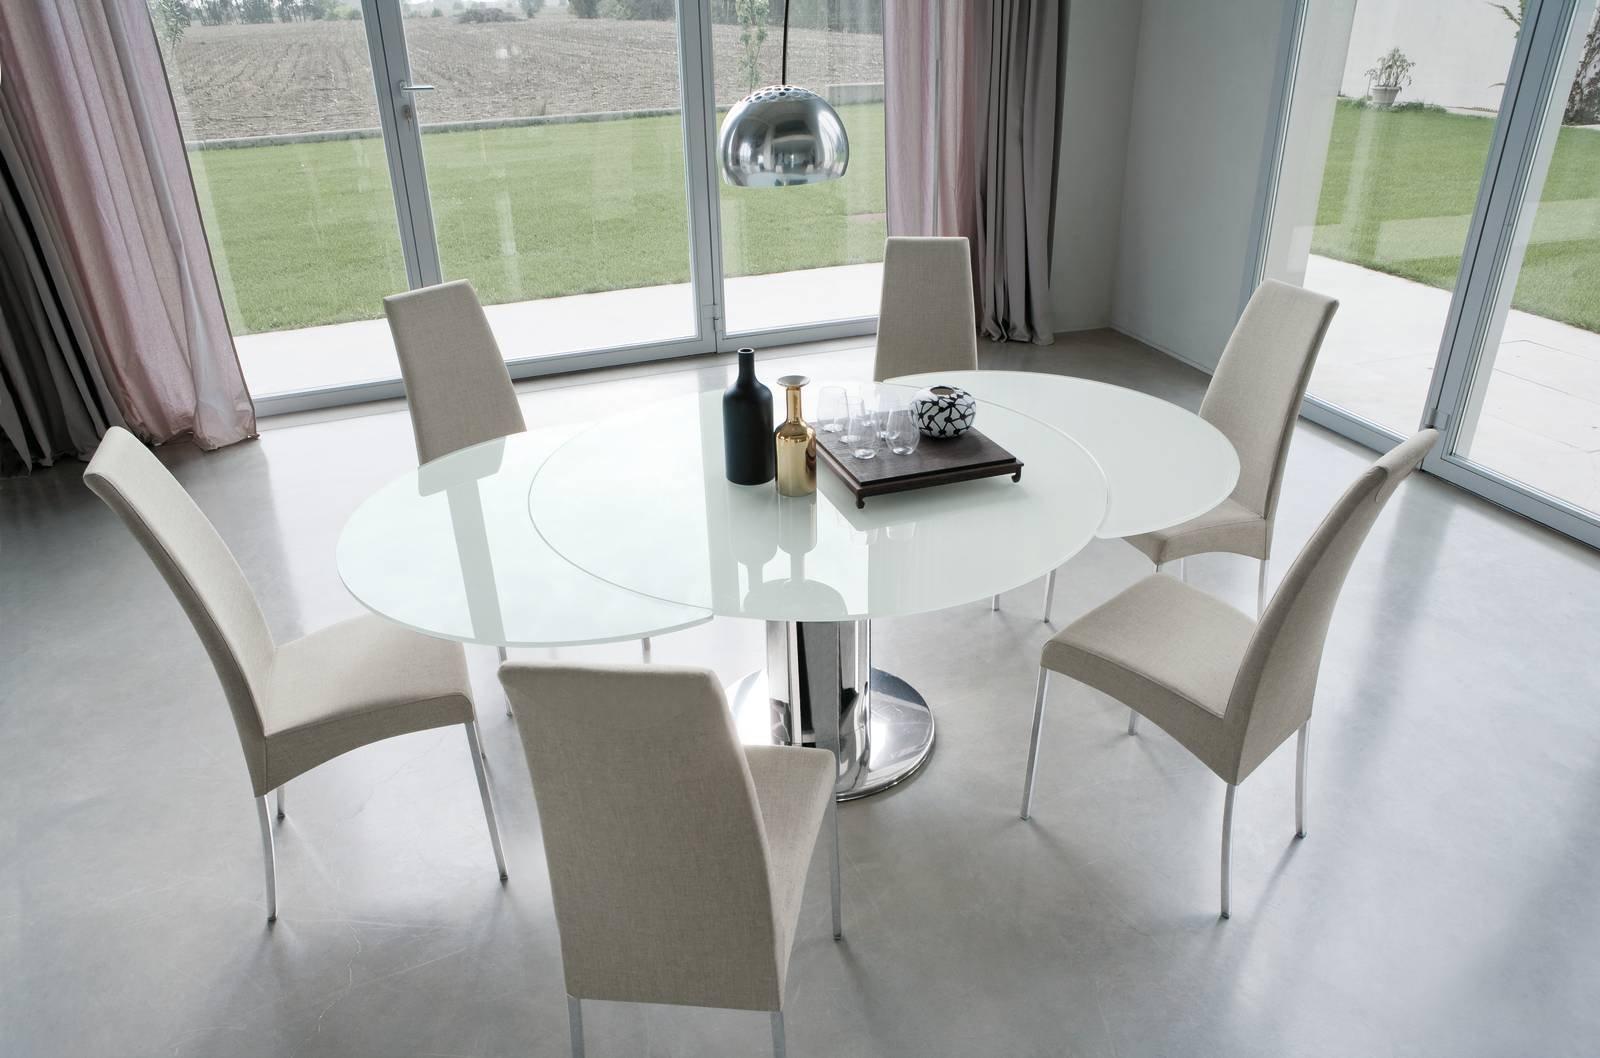 Tavolo Con Gamba Centrale Allungabile tavolo rotondo allungabile: contemporaneo, classico, in